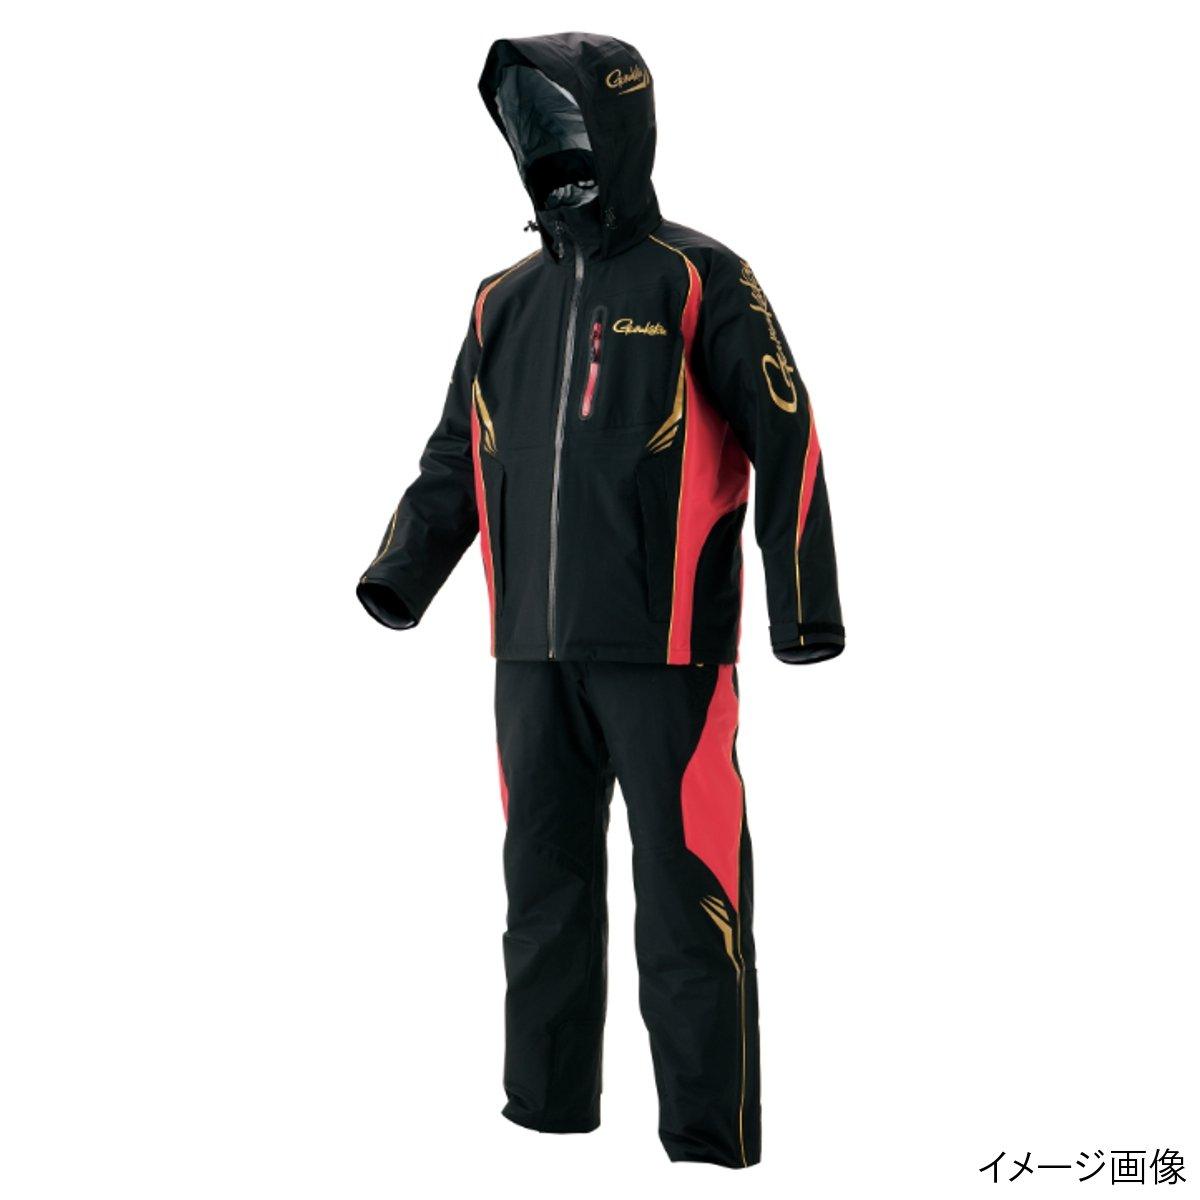 がまかつ オールウェザースーツ GM-3460 B01LW6YS1J  ブラック LL